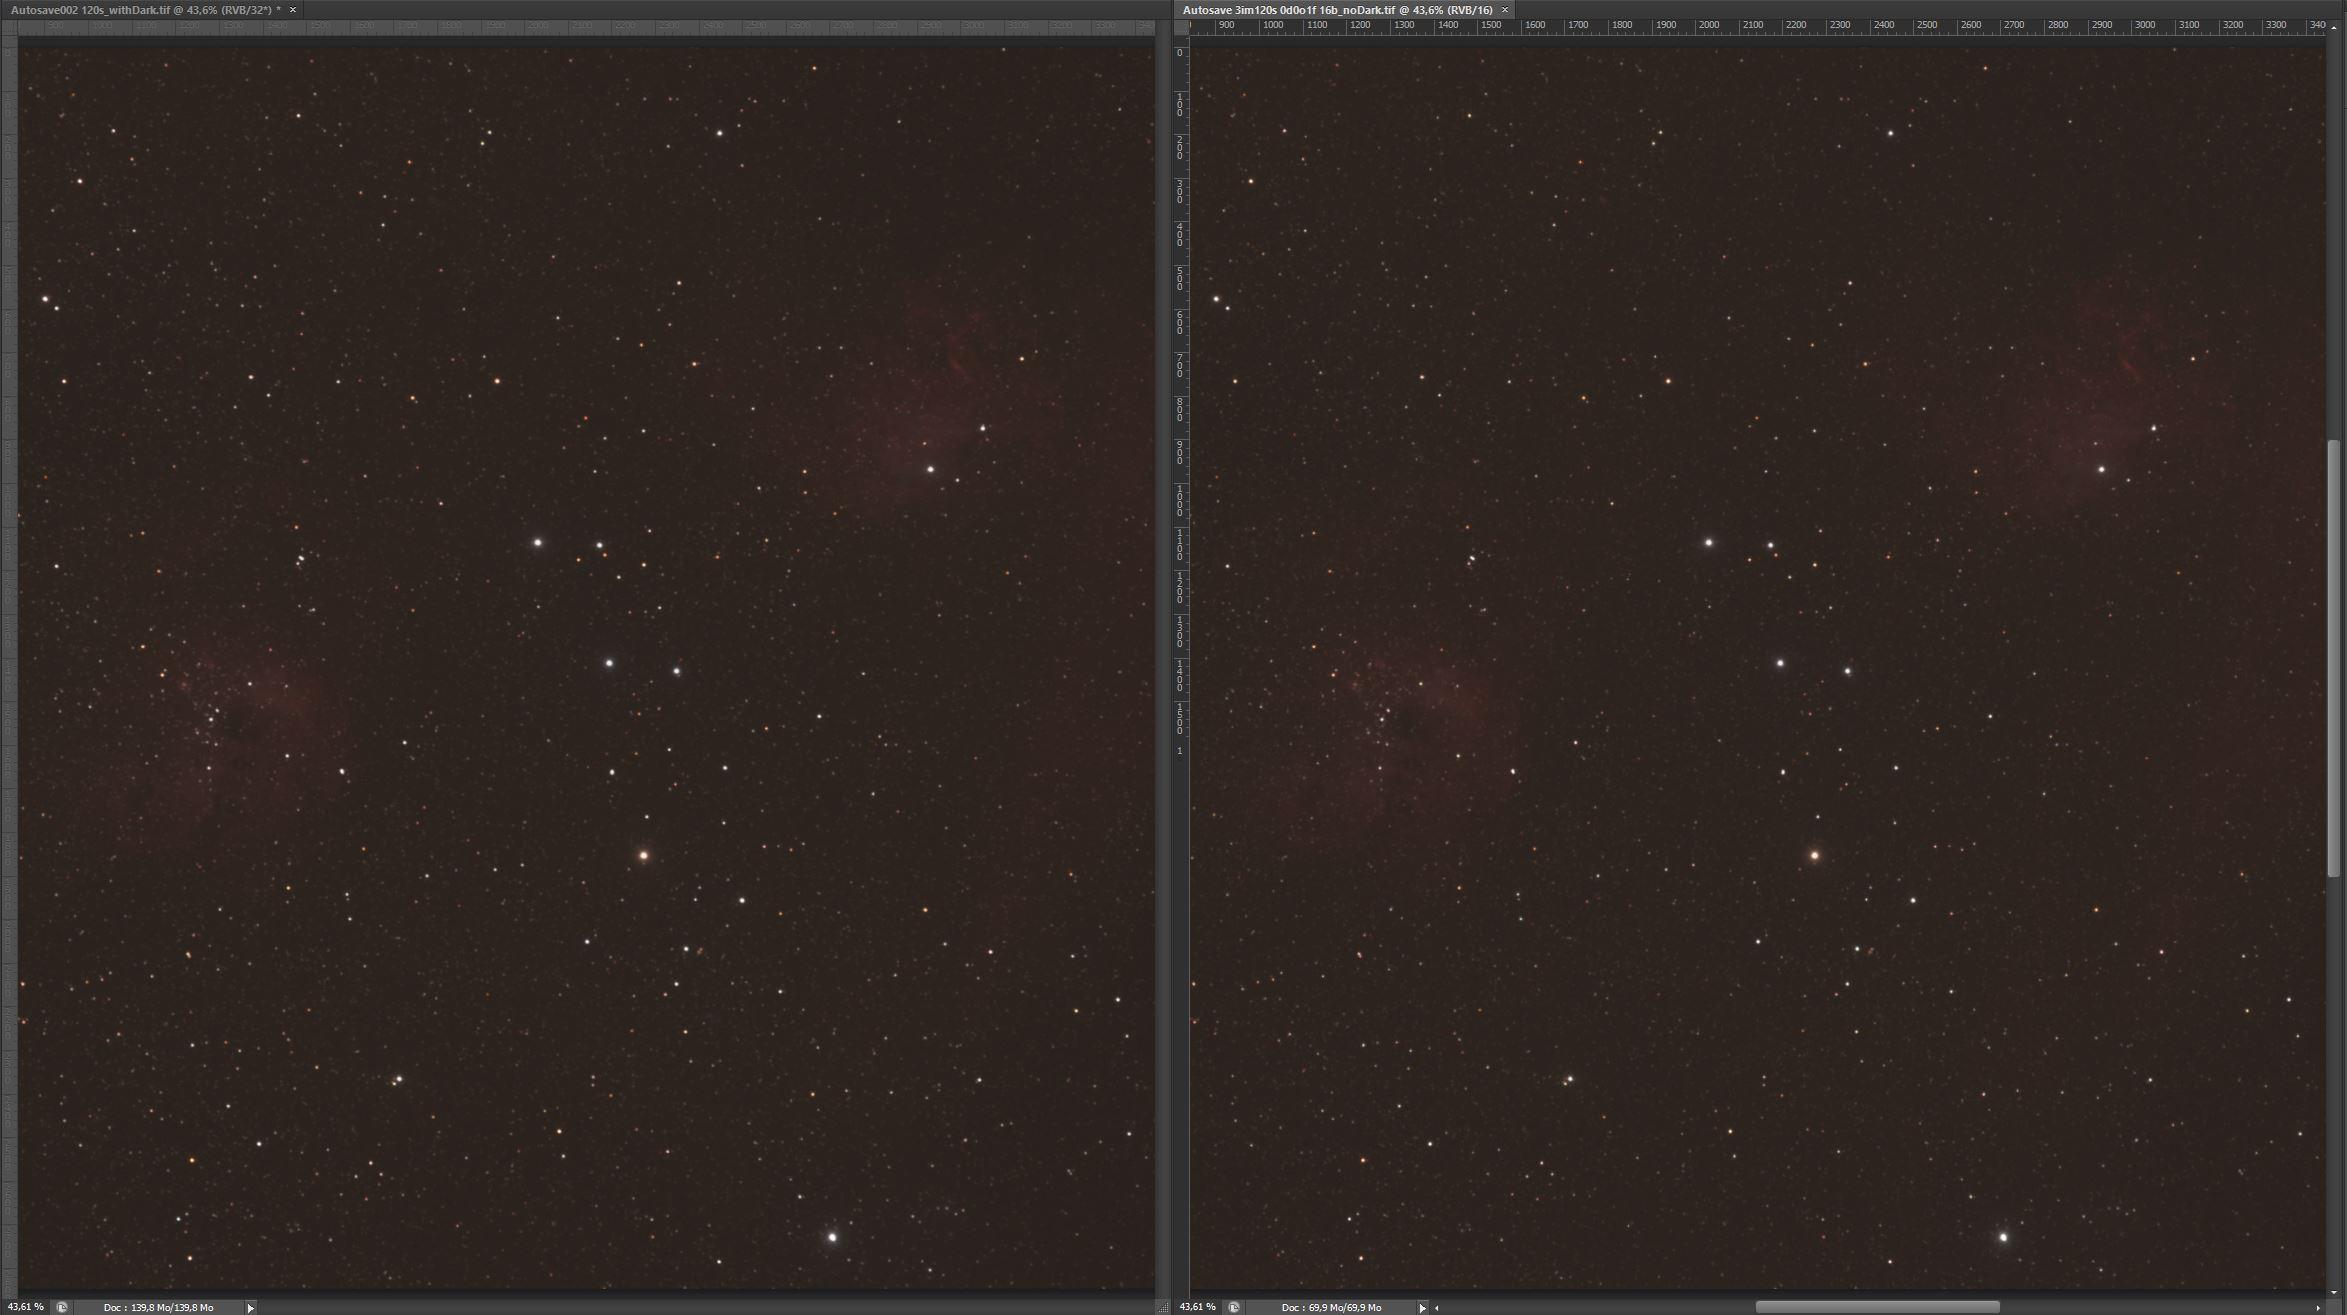 A7S et addtion d'images... Compar16